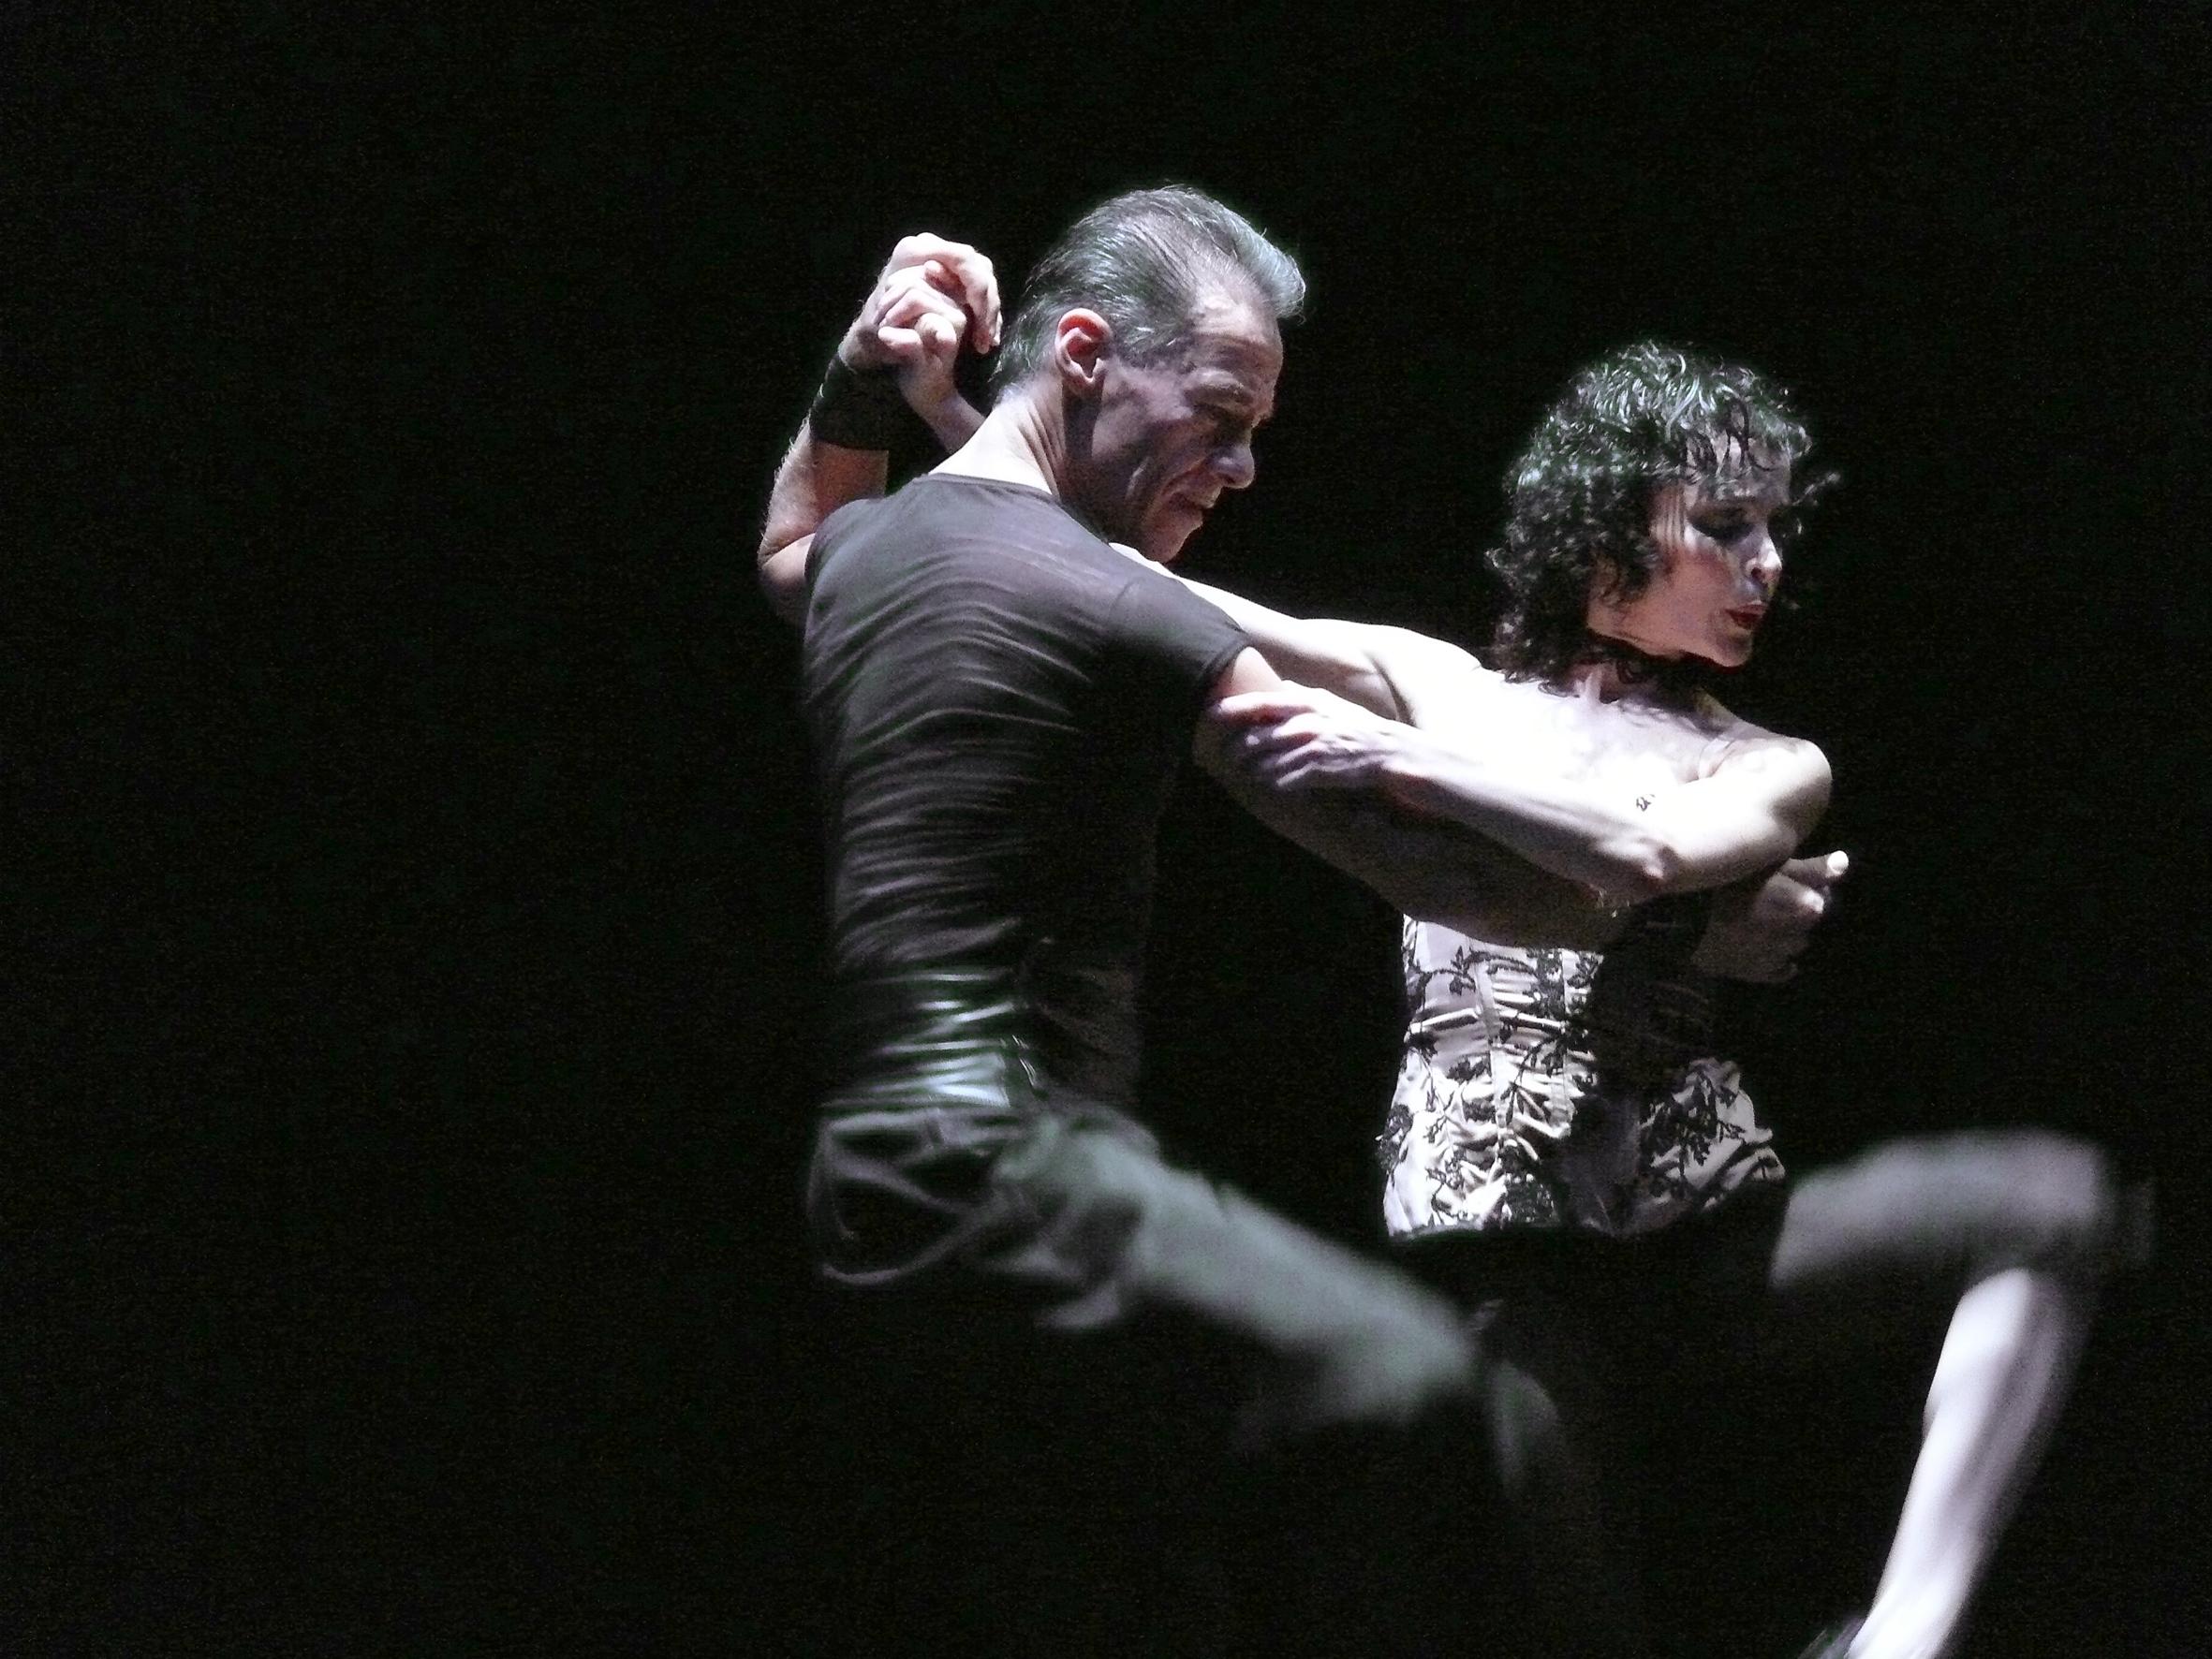 """Stekelman: """"No se puede aprender a bailar en dos semanas"""". Foto: Adriana Argalia."""